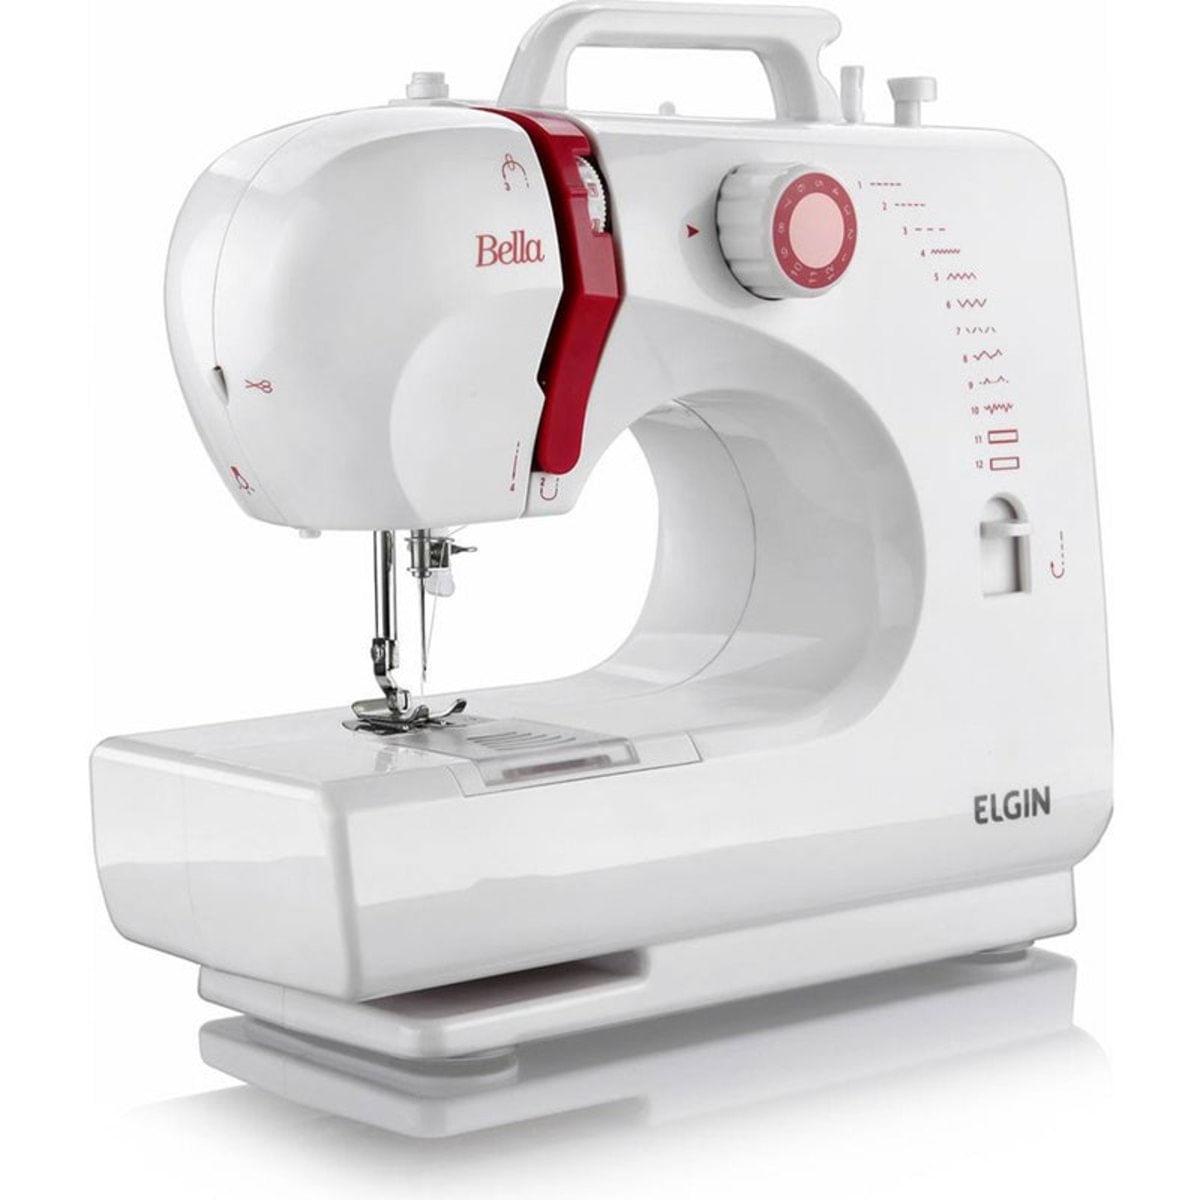 Imagem de Máquina de Costura Elgin Bella Doméstica 6 Pontos Bivolt - BL1200